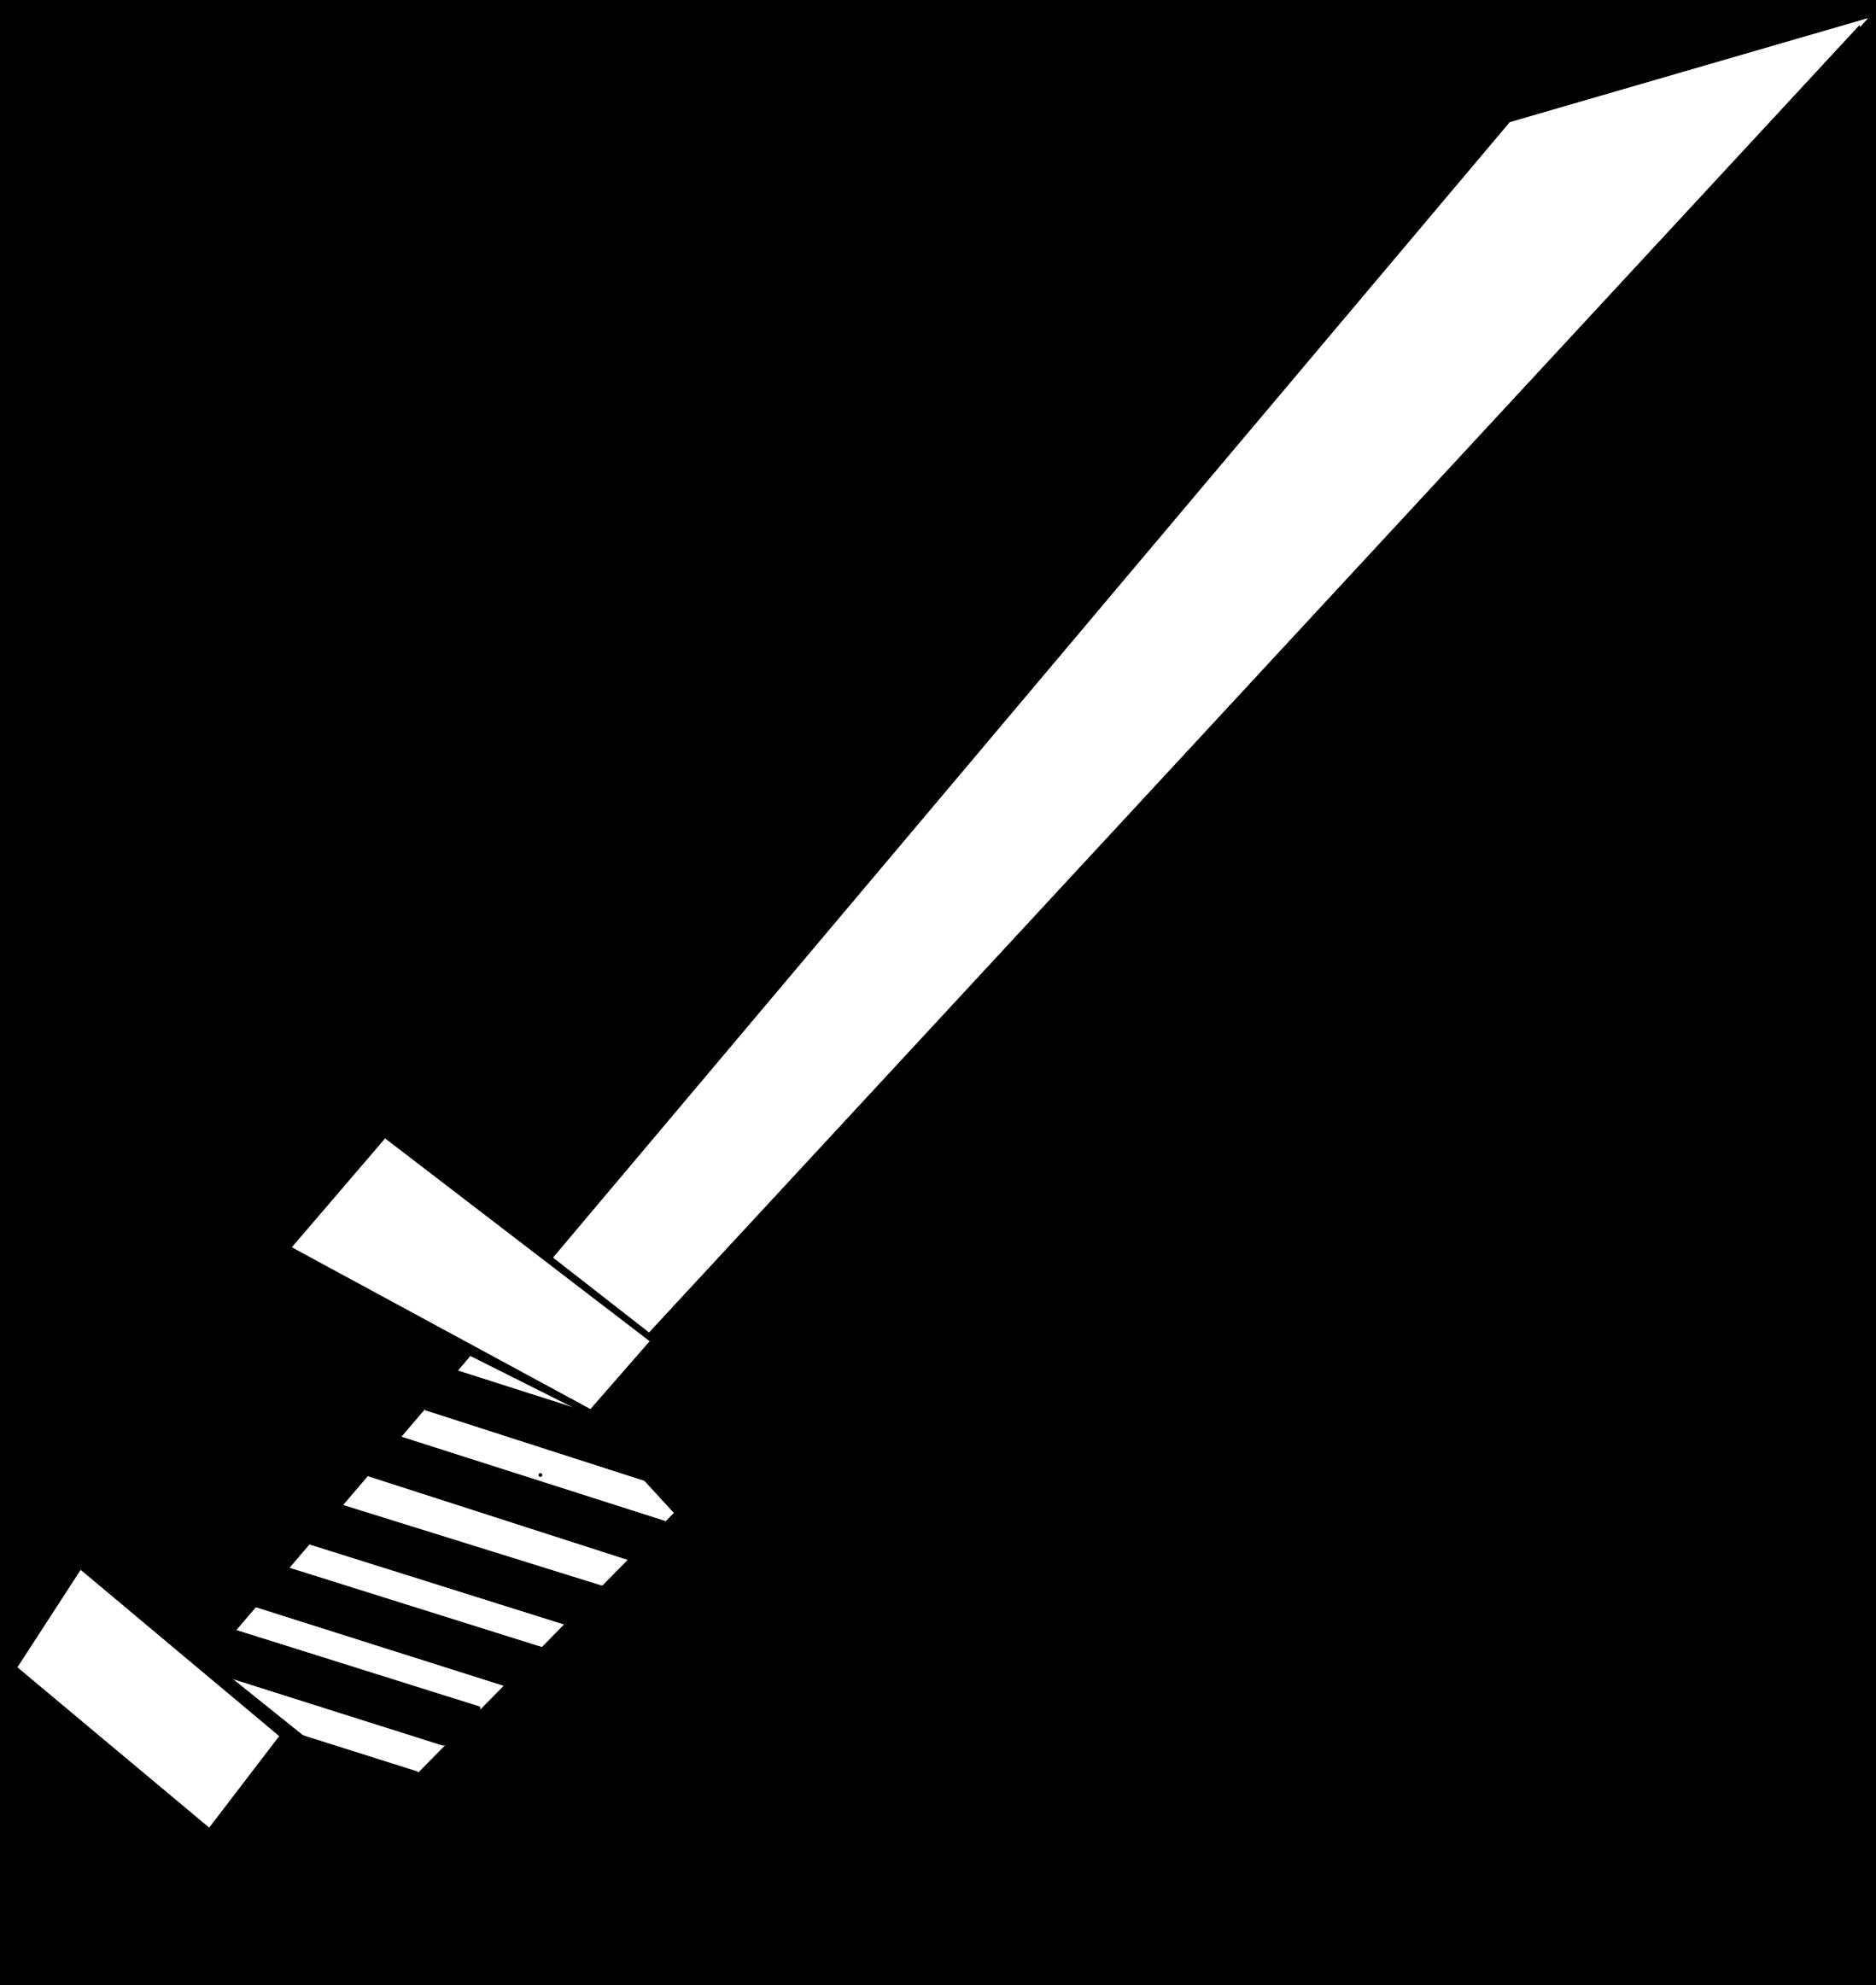 Download hd clip art. Clipart sword original